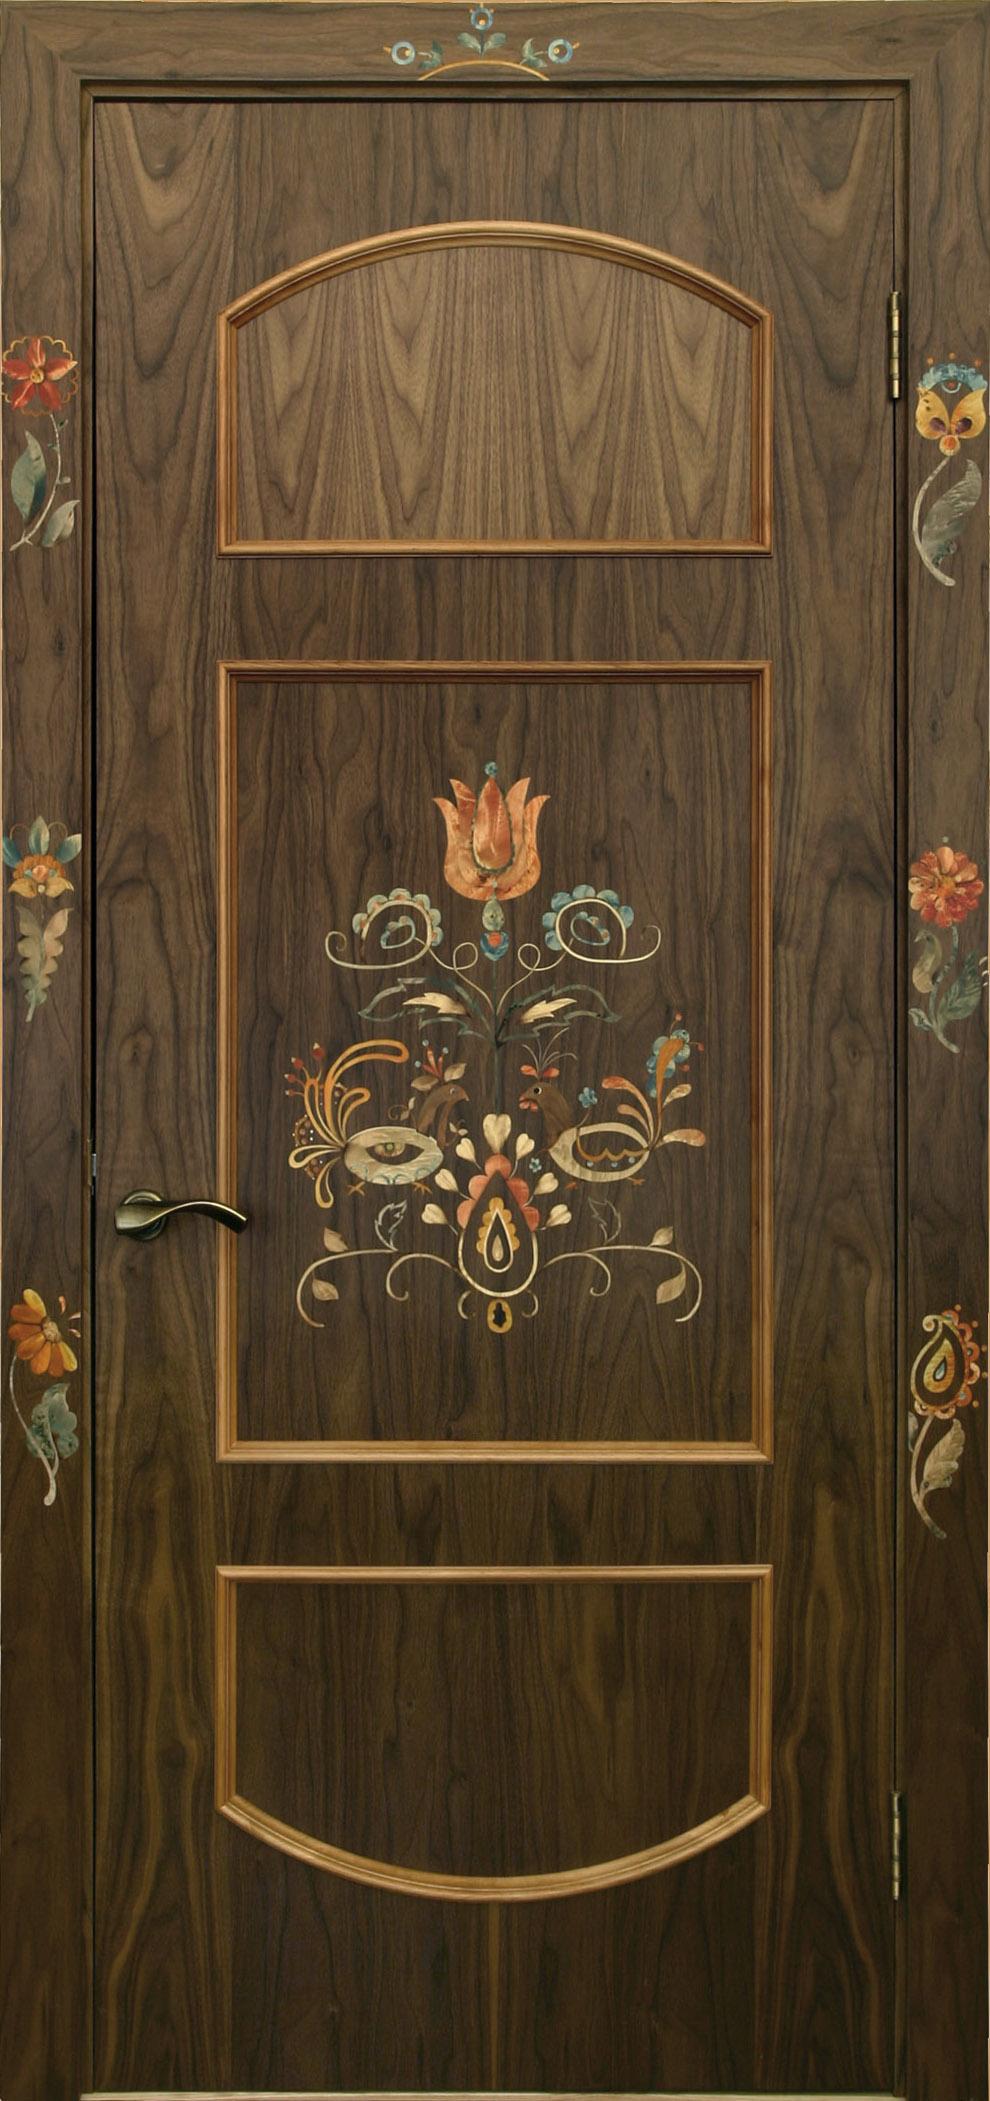 Деревянный декор дверей своими руками